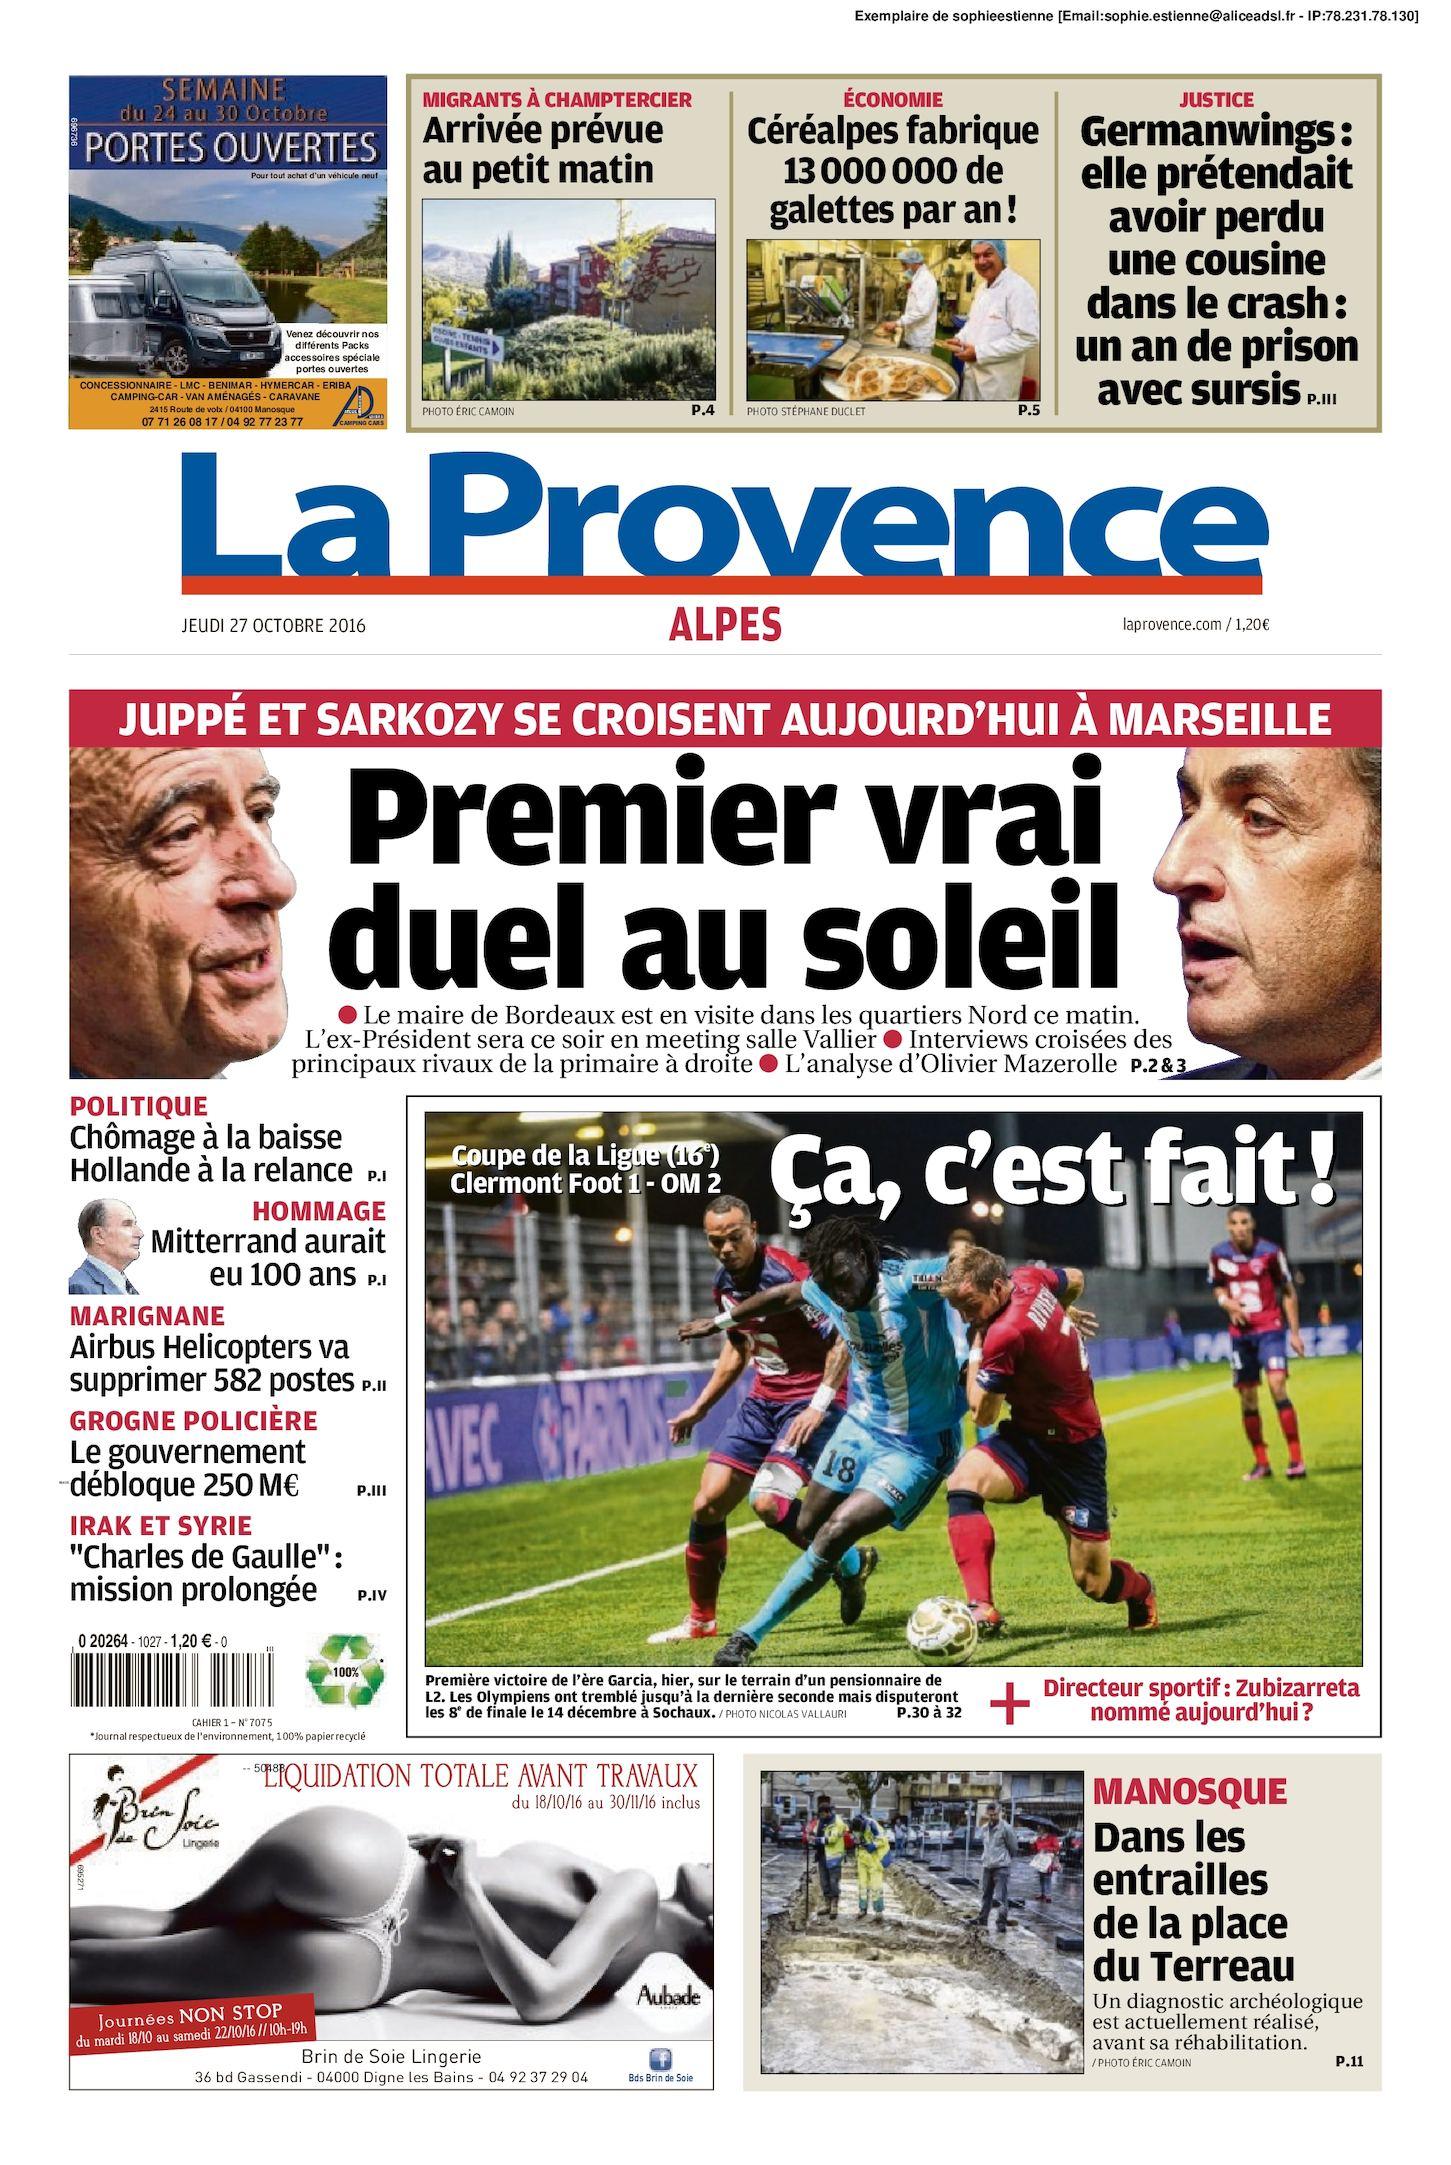 27 Edition Du 2016 Alpes Provence Calaméo La 10 54L3RAjq